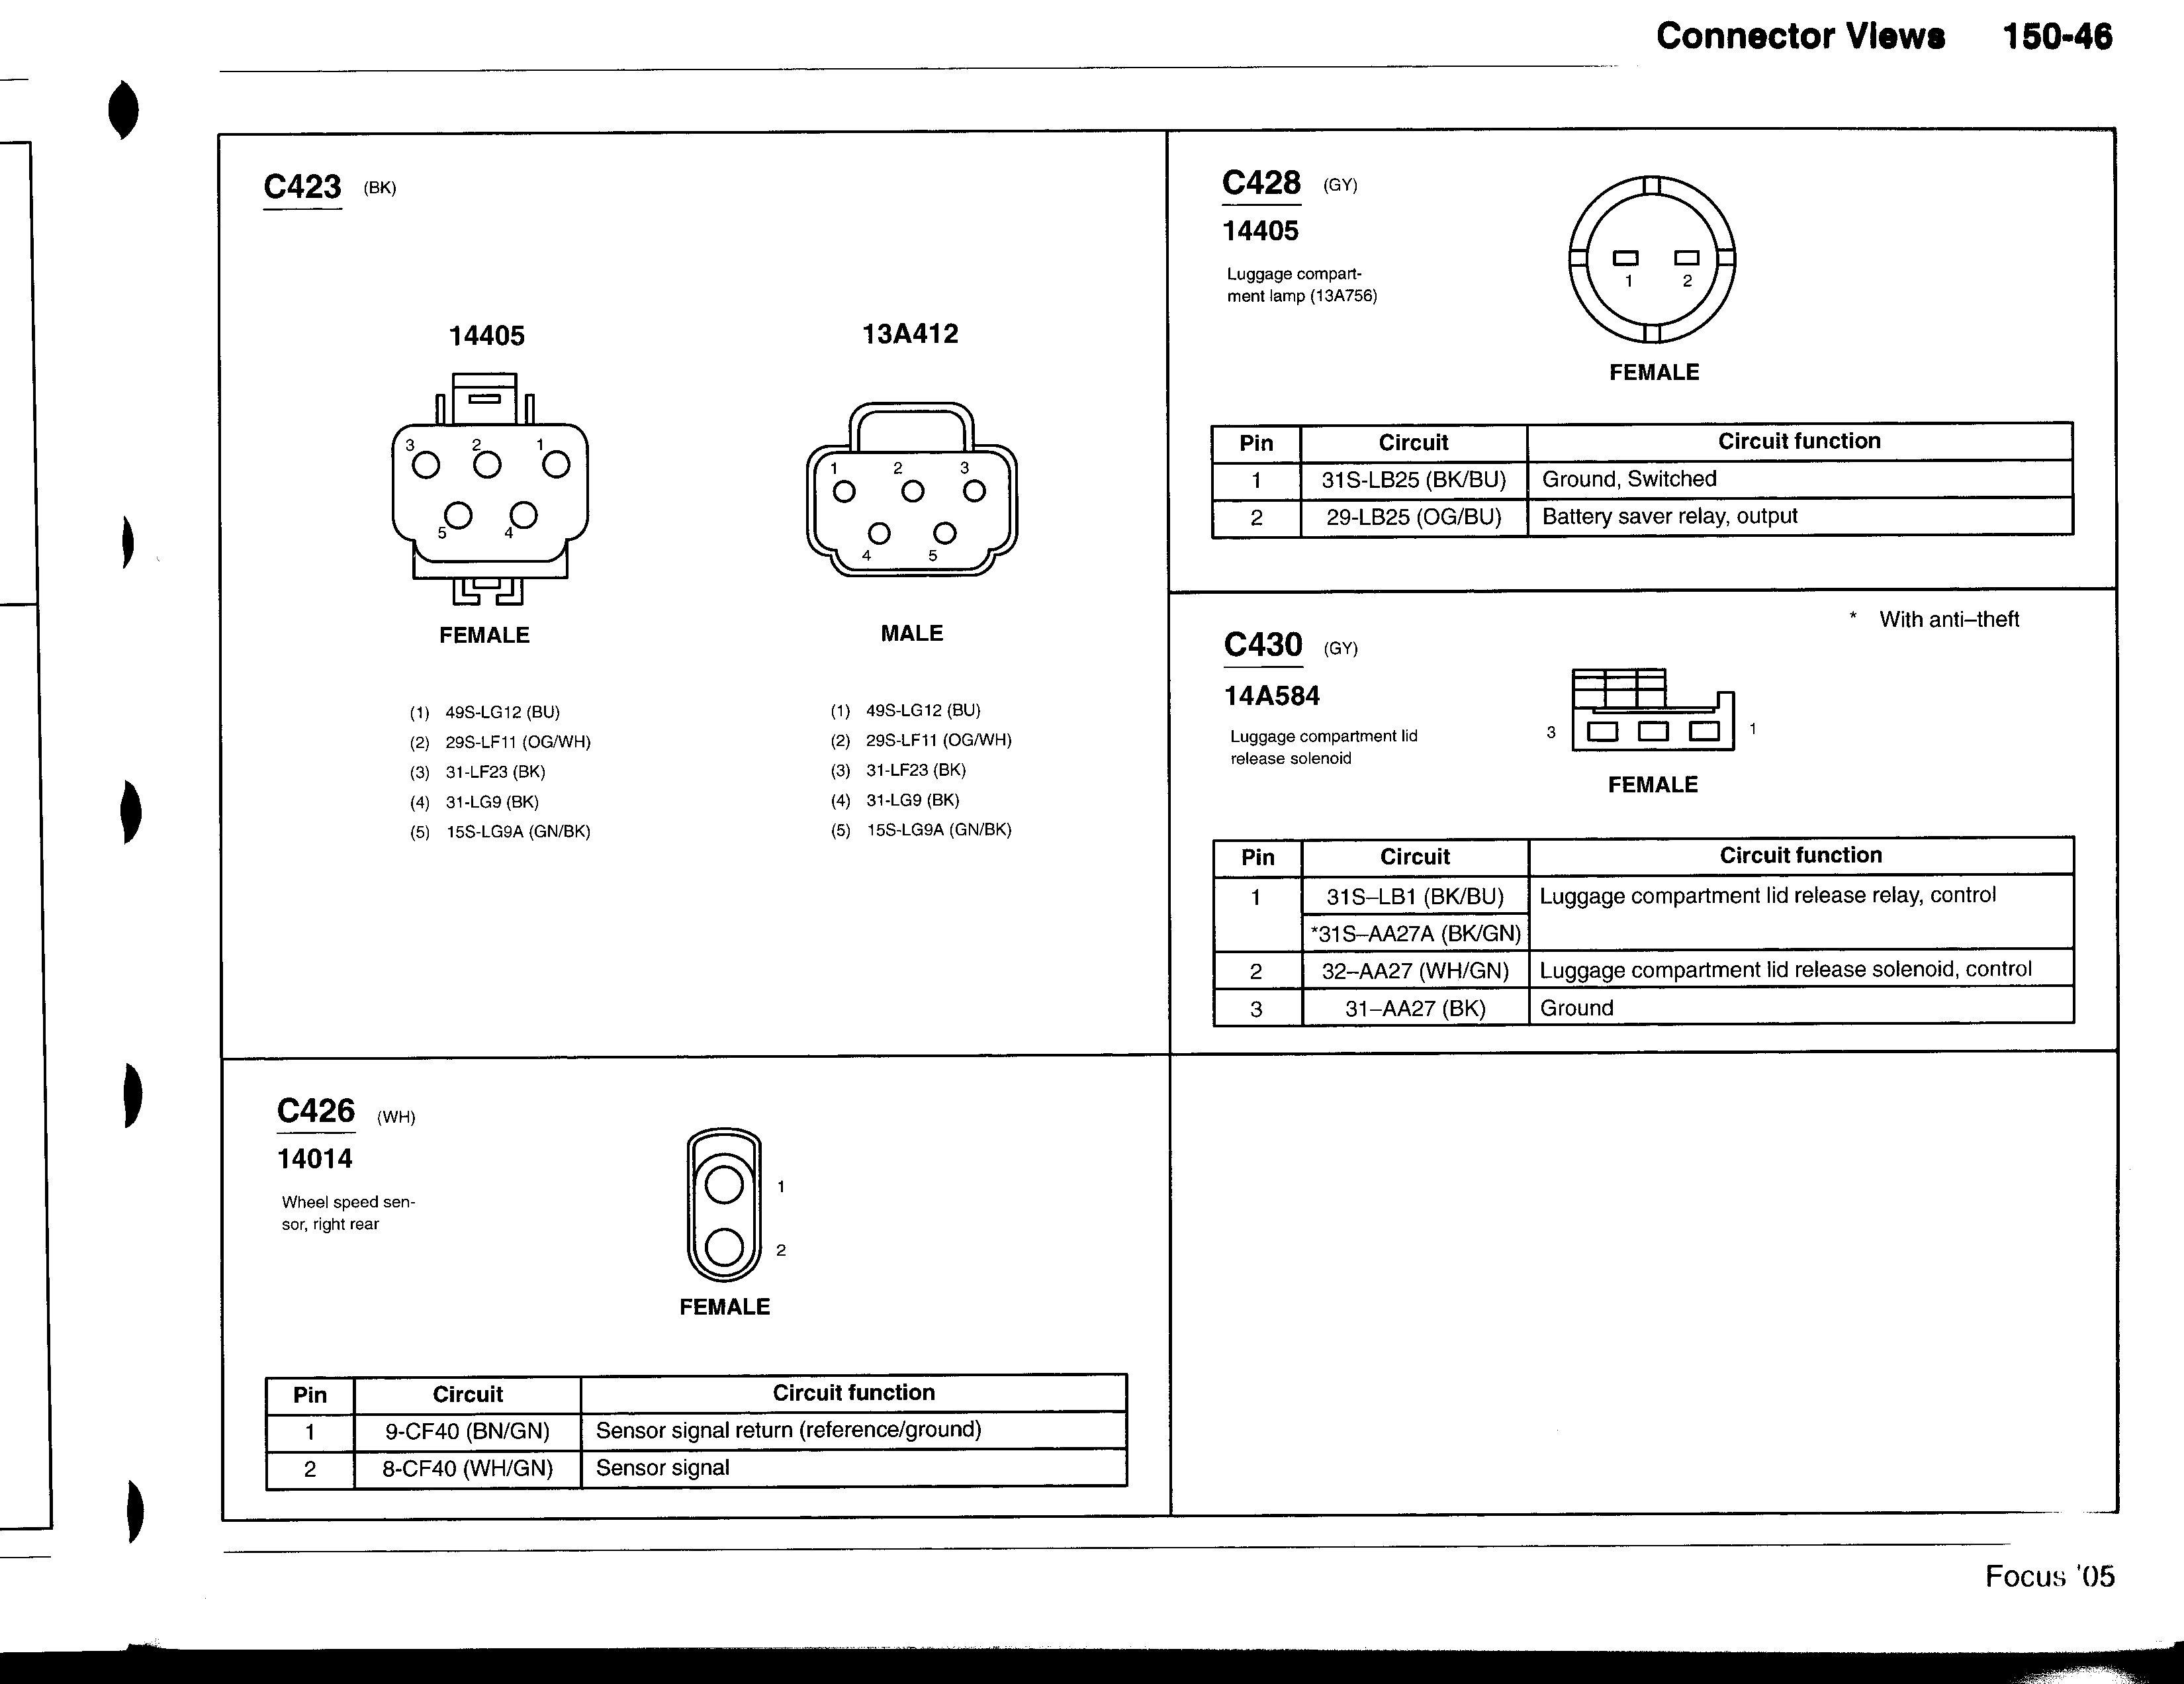 [XOTG_4463]  Trunk popper button not working   Focus Fanatics Forum   Ford Ka Wiring Diagram Boot Release      Focus Fanatics